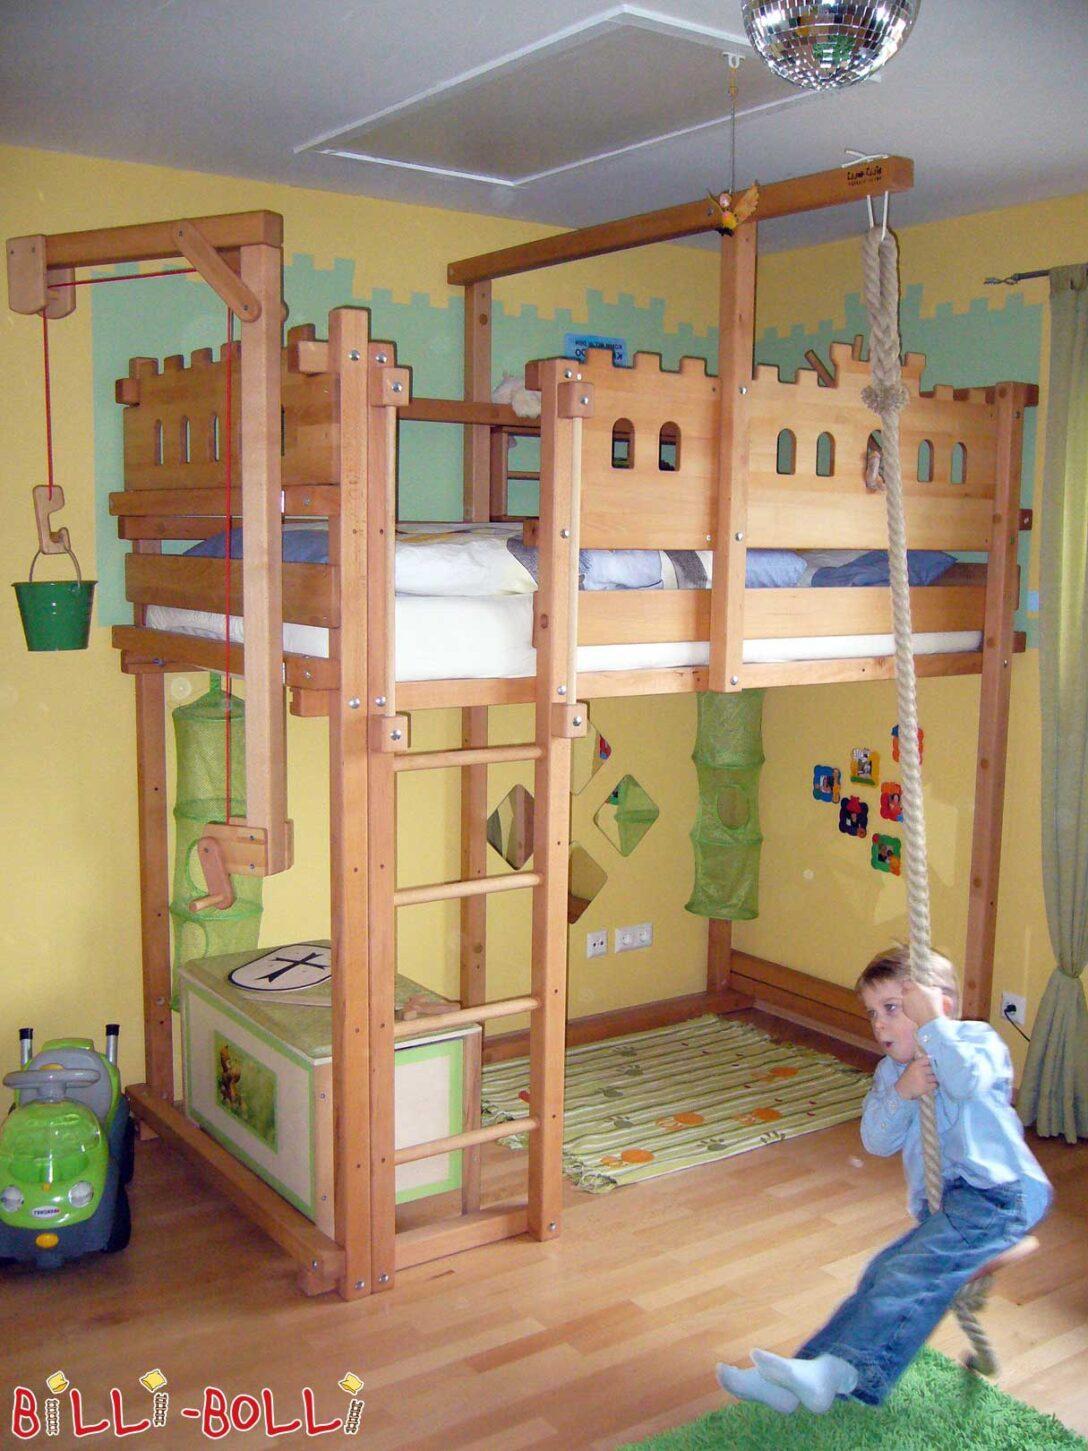 Large Size of Hochbett Mitwachsend Fr Online Kaufen Billi Bolli Regal Kinderzimmer Weiß Sofa Regale Kinderzimmer Hochbetten Kinderzimmer